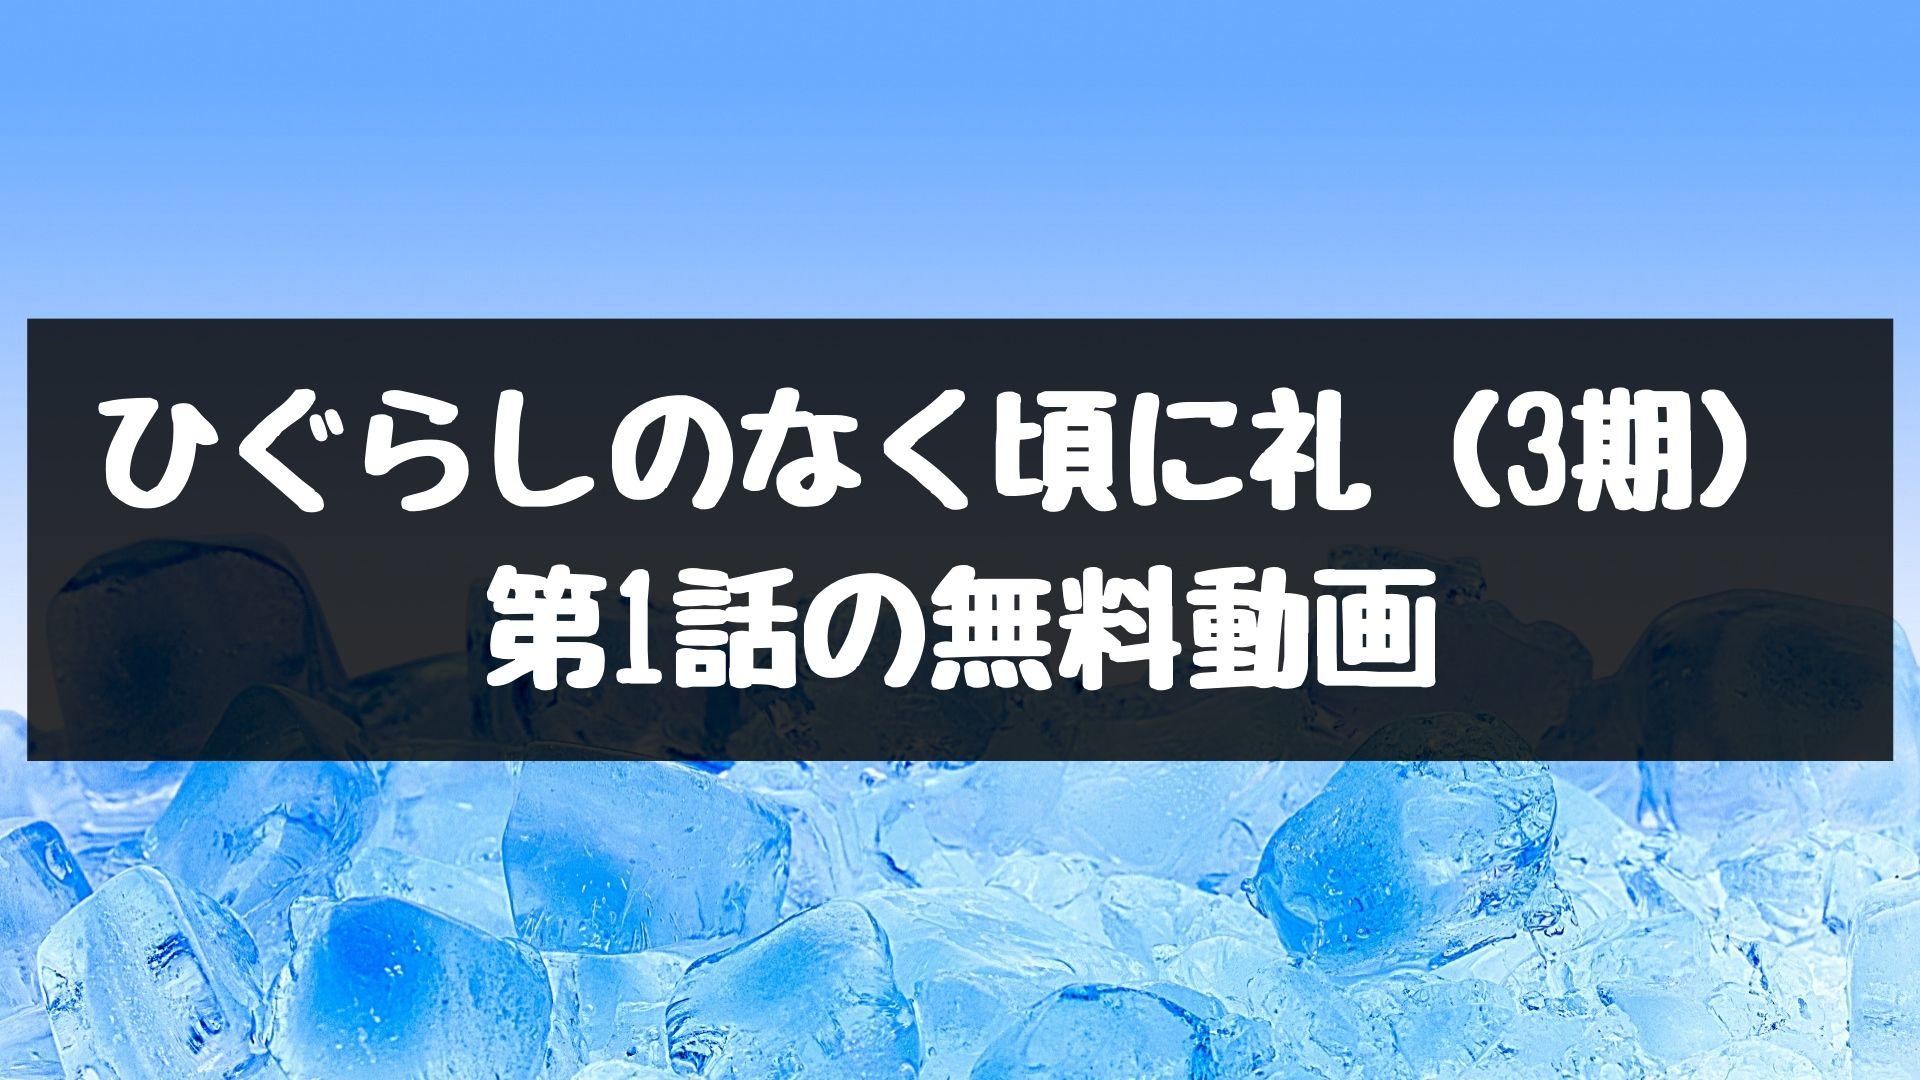 ひぐらしのなく頃に礼(3期) 第1話の無料動画